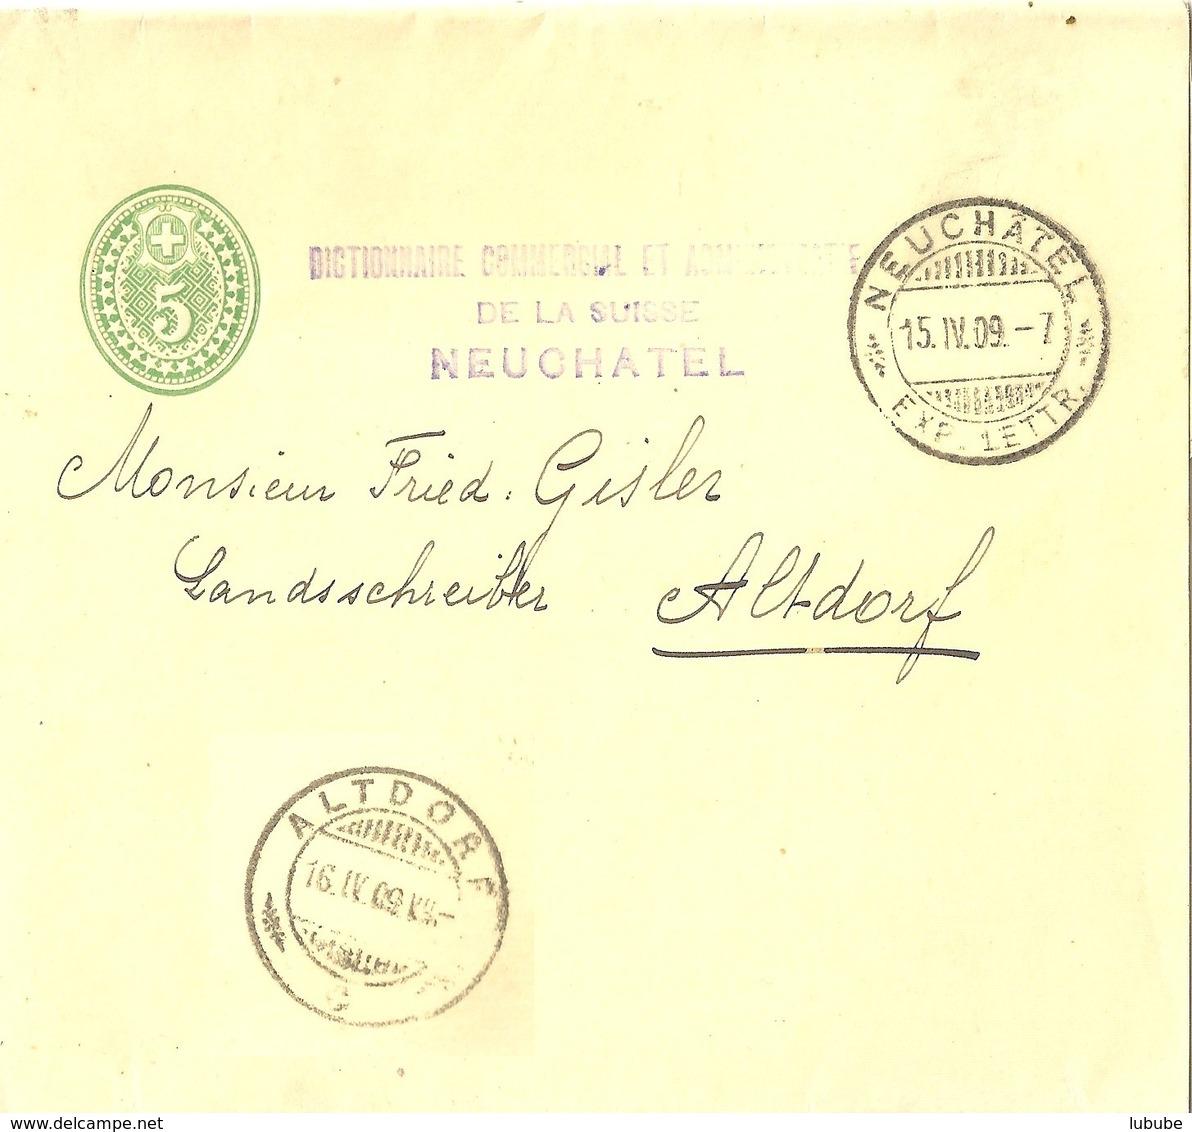 """Streifband 20a  """"Dictionnaire Commercial Et Administrative De La Suisse, Neuchâtel"""" - Altdorf           1909 - Interi Postali"""